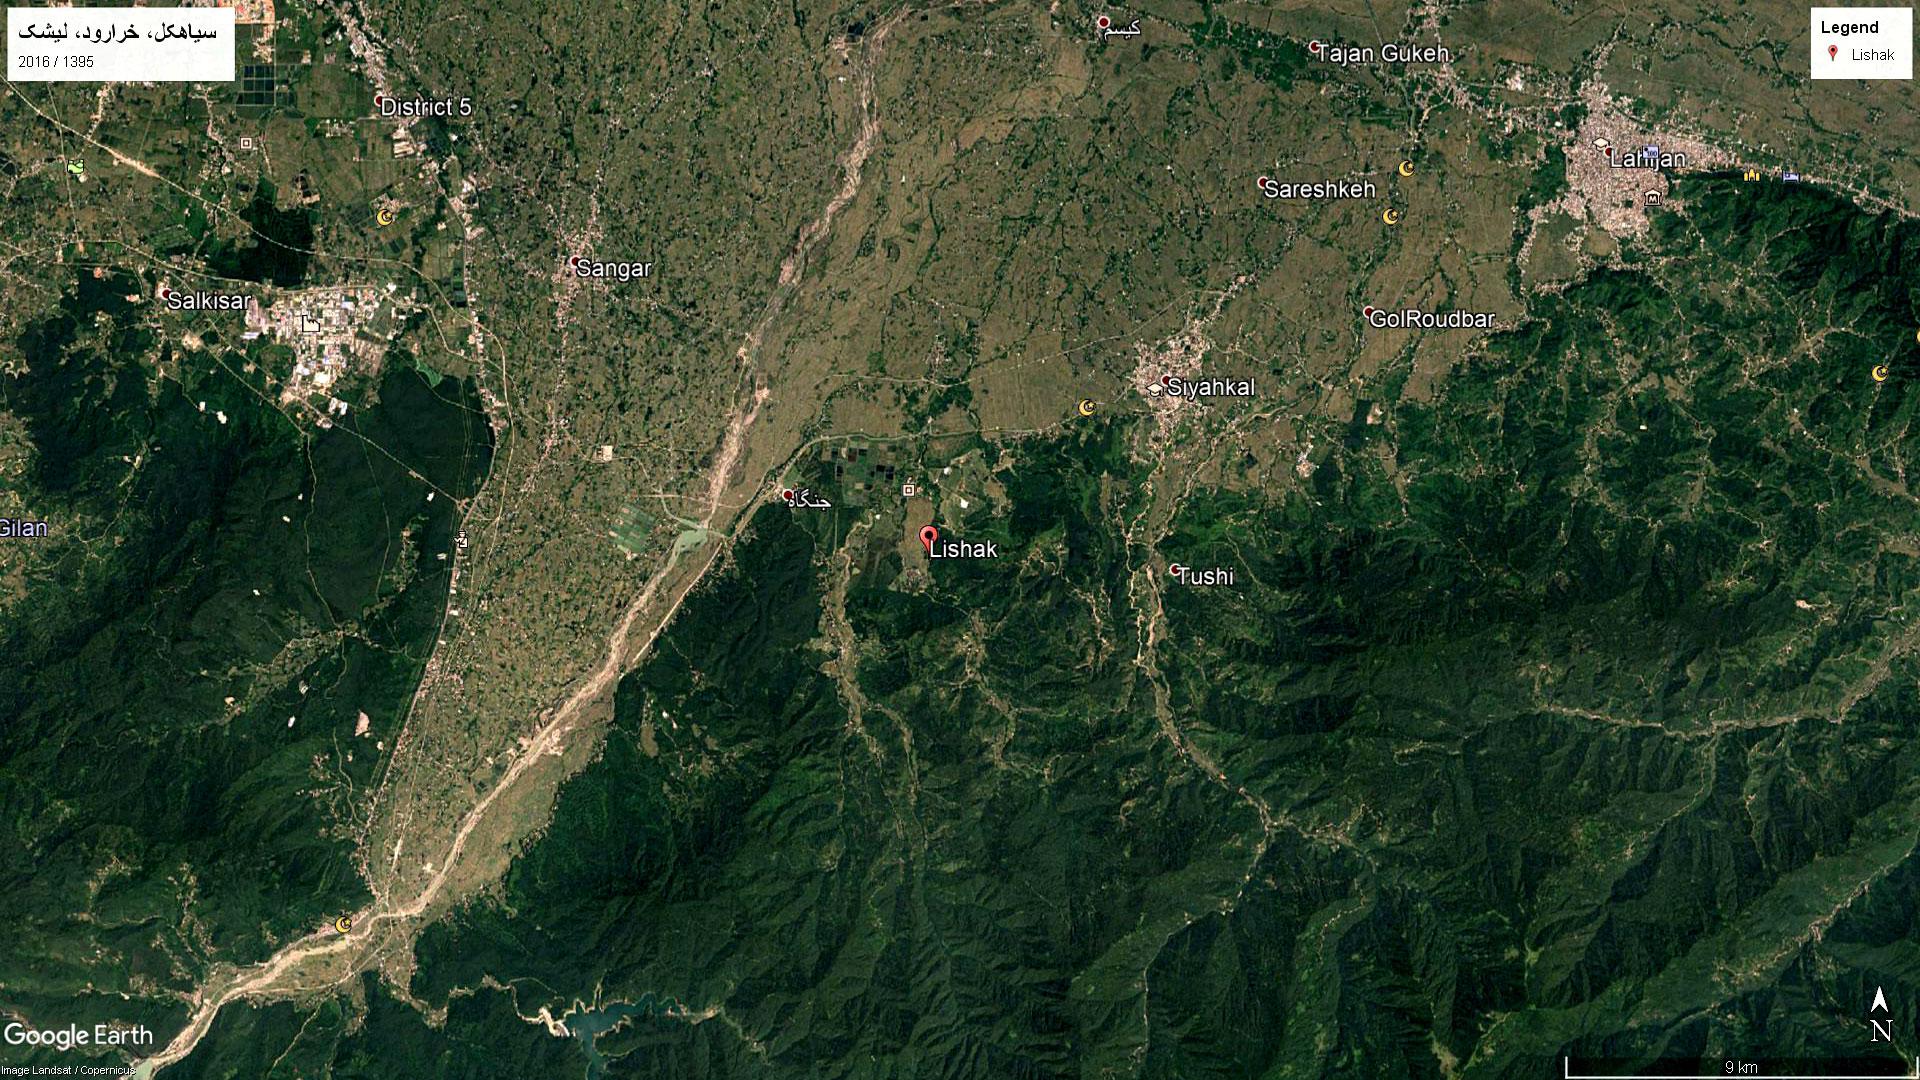 بانی جنگل / عکس هوایی از لیشک سیاهکل 2016